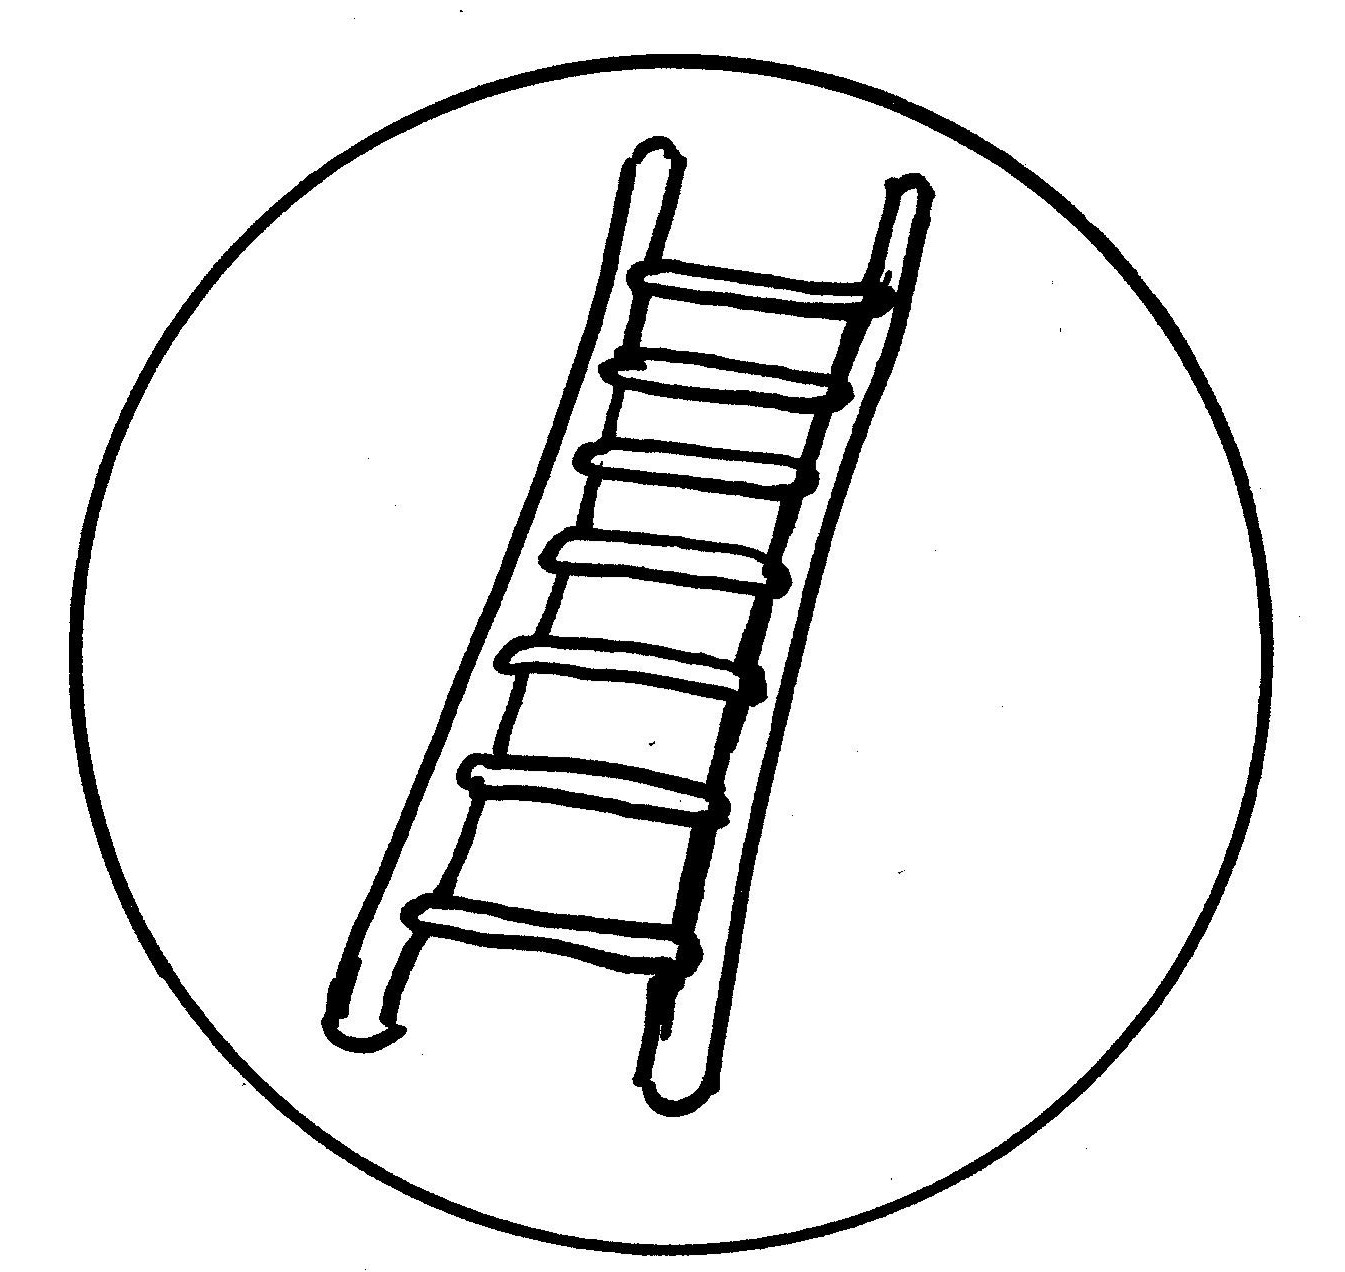 ladder safety art